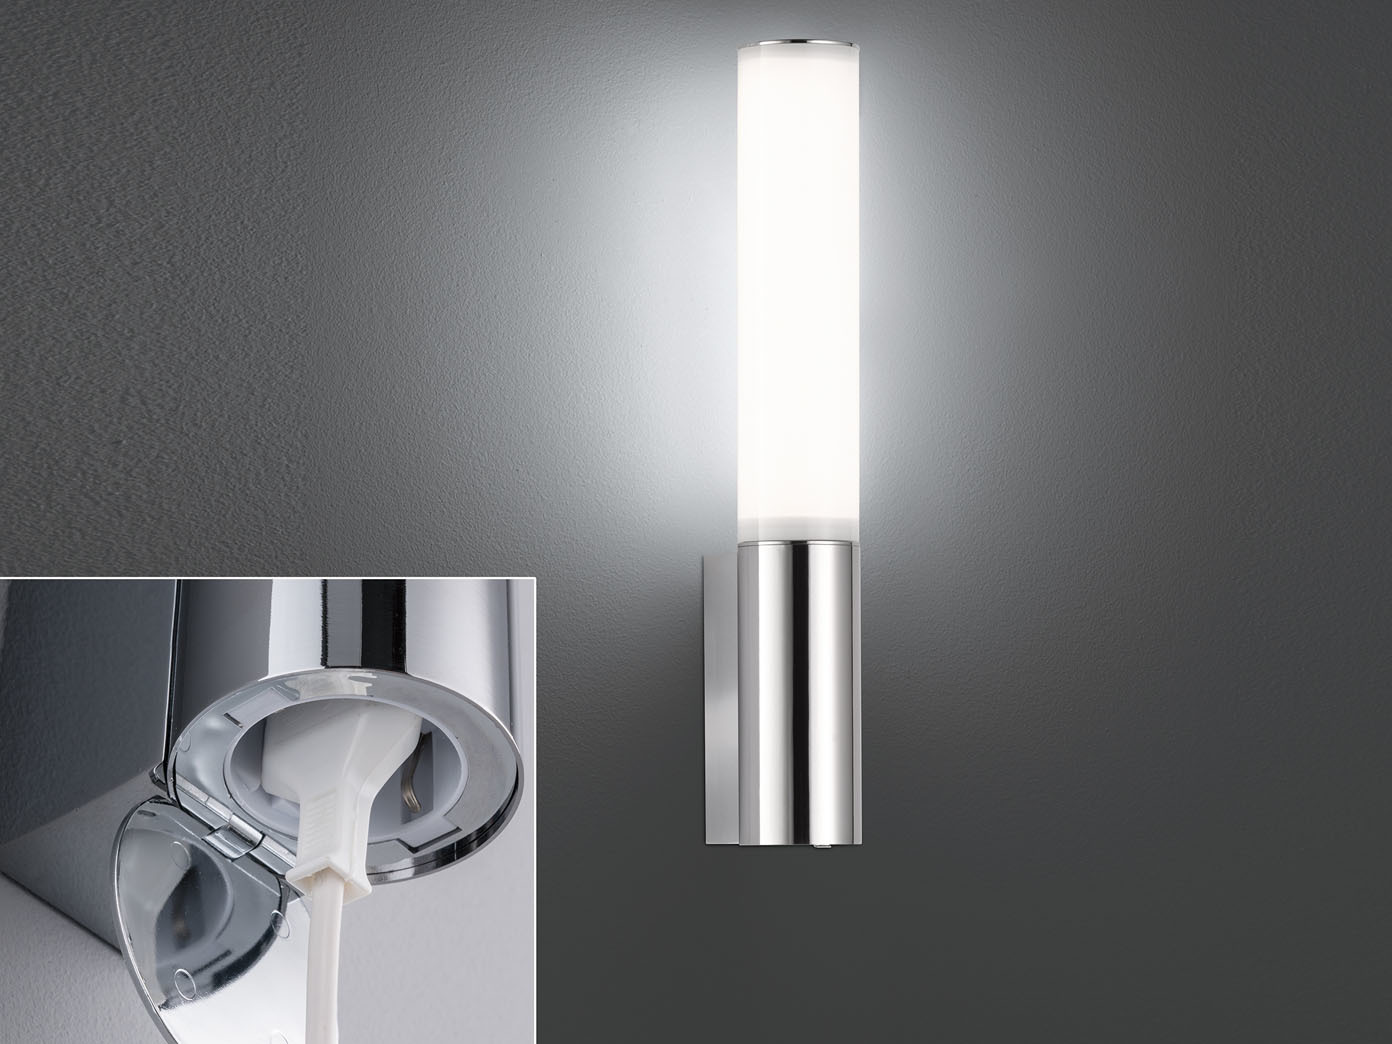 Led Badwandlampe Spiegelleuchte 39cm Mit Steckdose Ip44